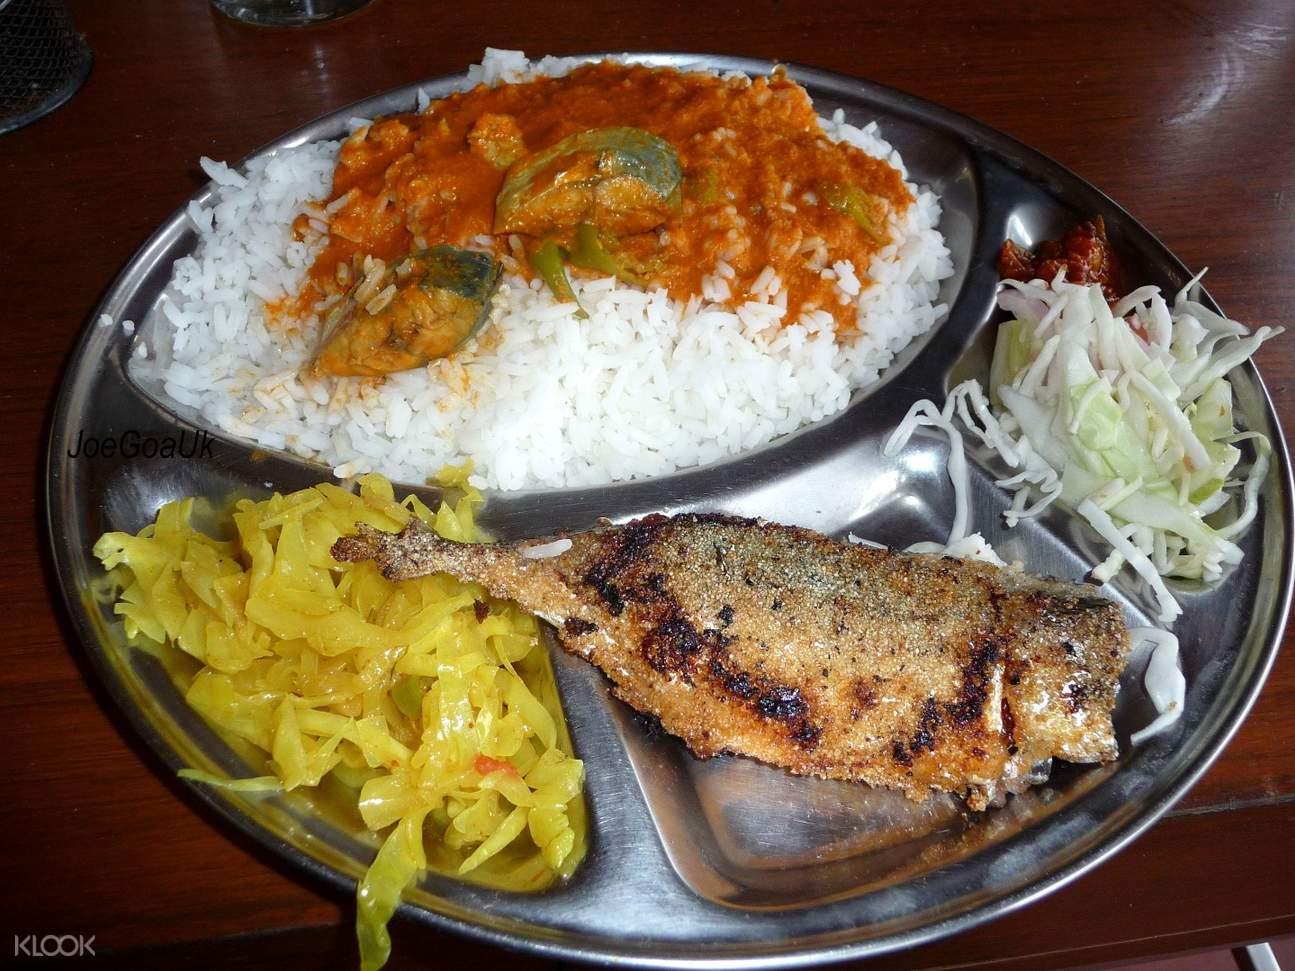 印度 果阿邦 街头美食徒步探索之旅